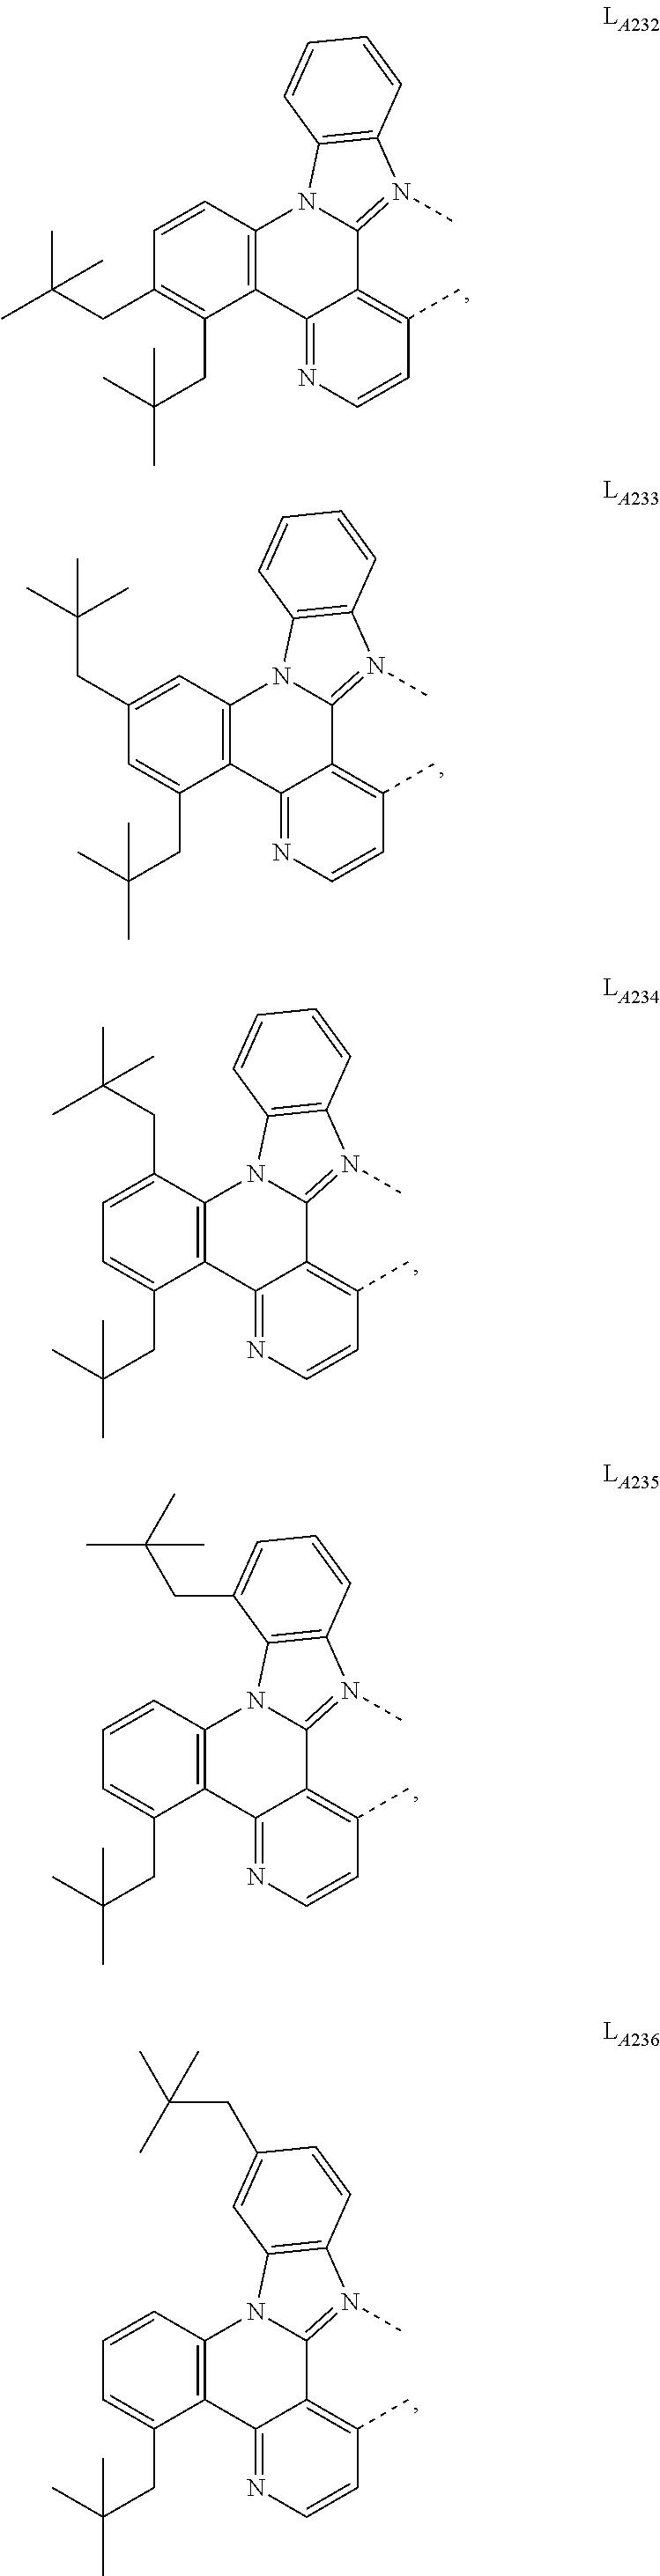 Figure US09905785-20180227-C00474